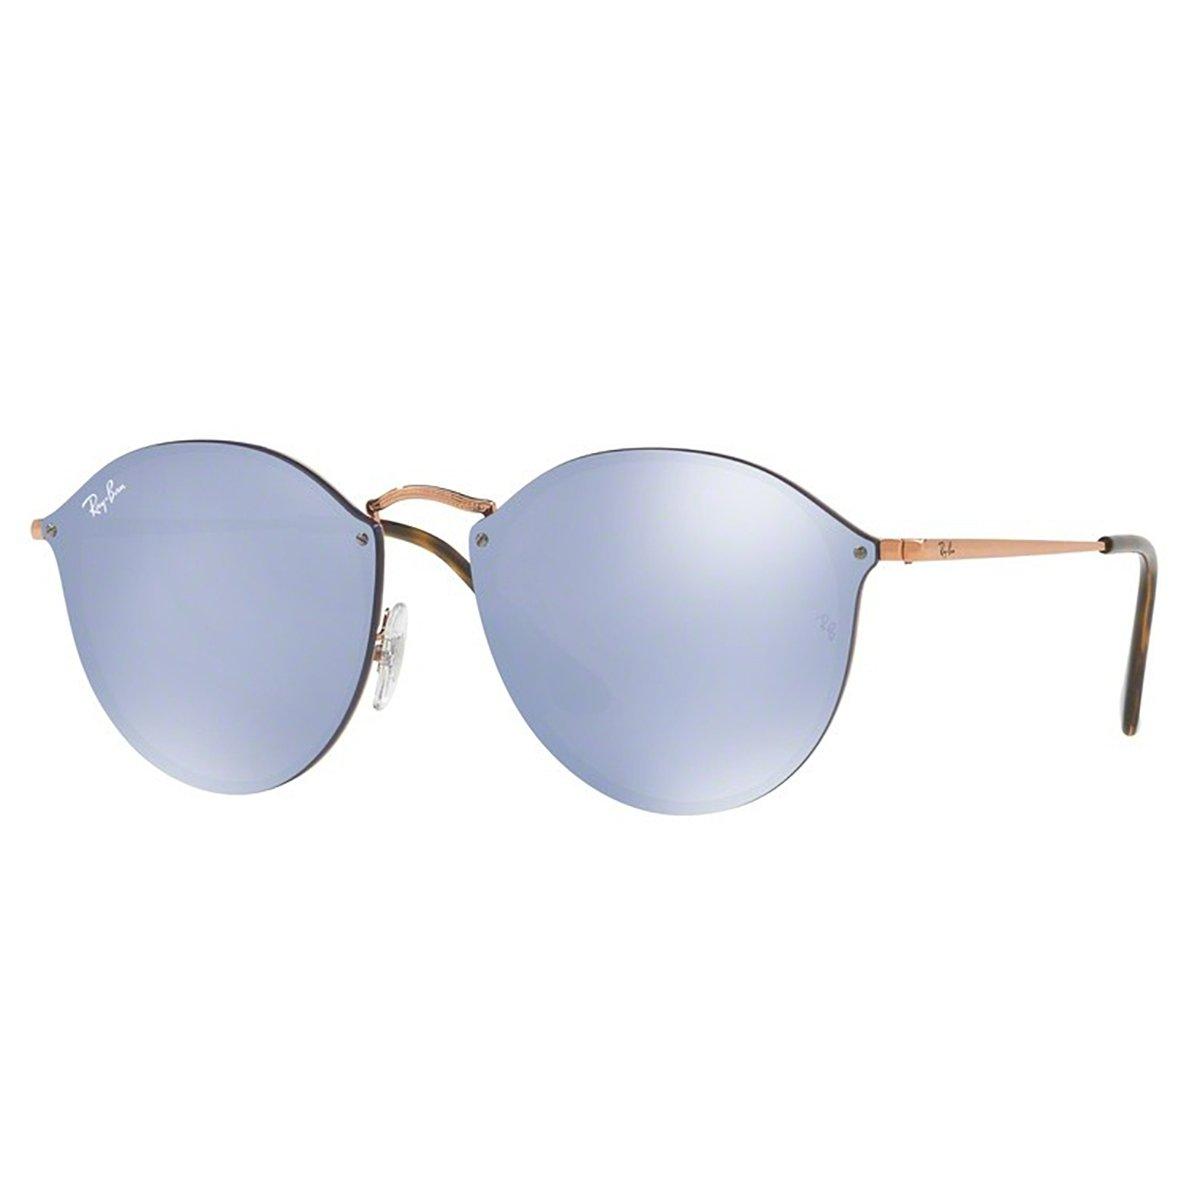 0980d14e42624 Compre Óculos de Sol Ray Ban Blaze Round em 10X   Tri-Jóia Shop